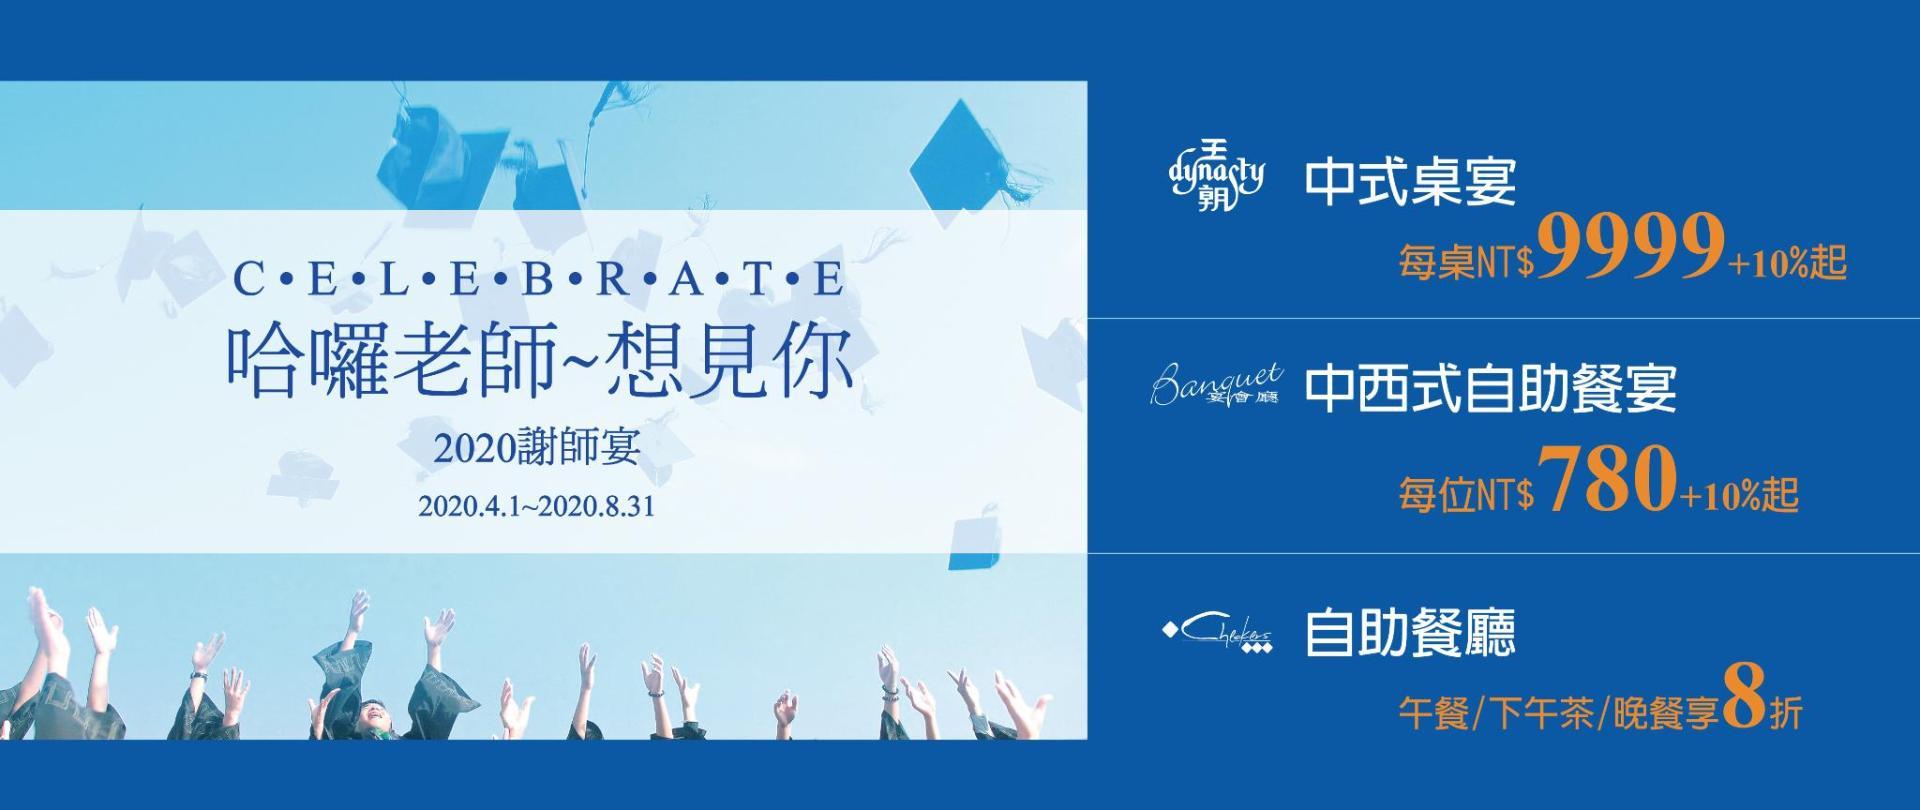 Slide Show1920X810_謝師宴-0318.jpg